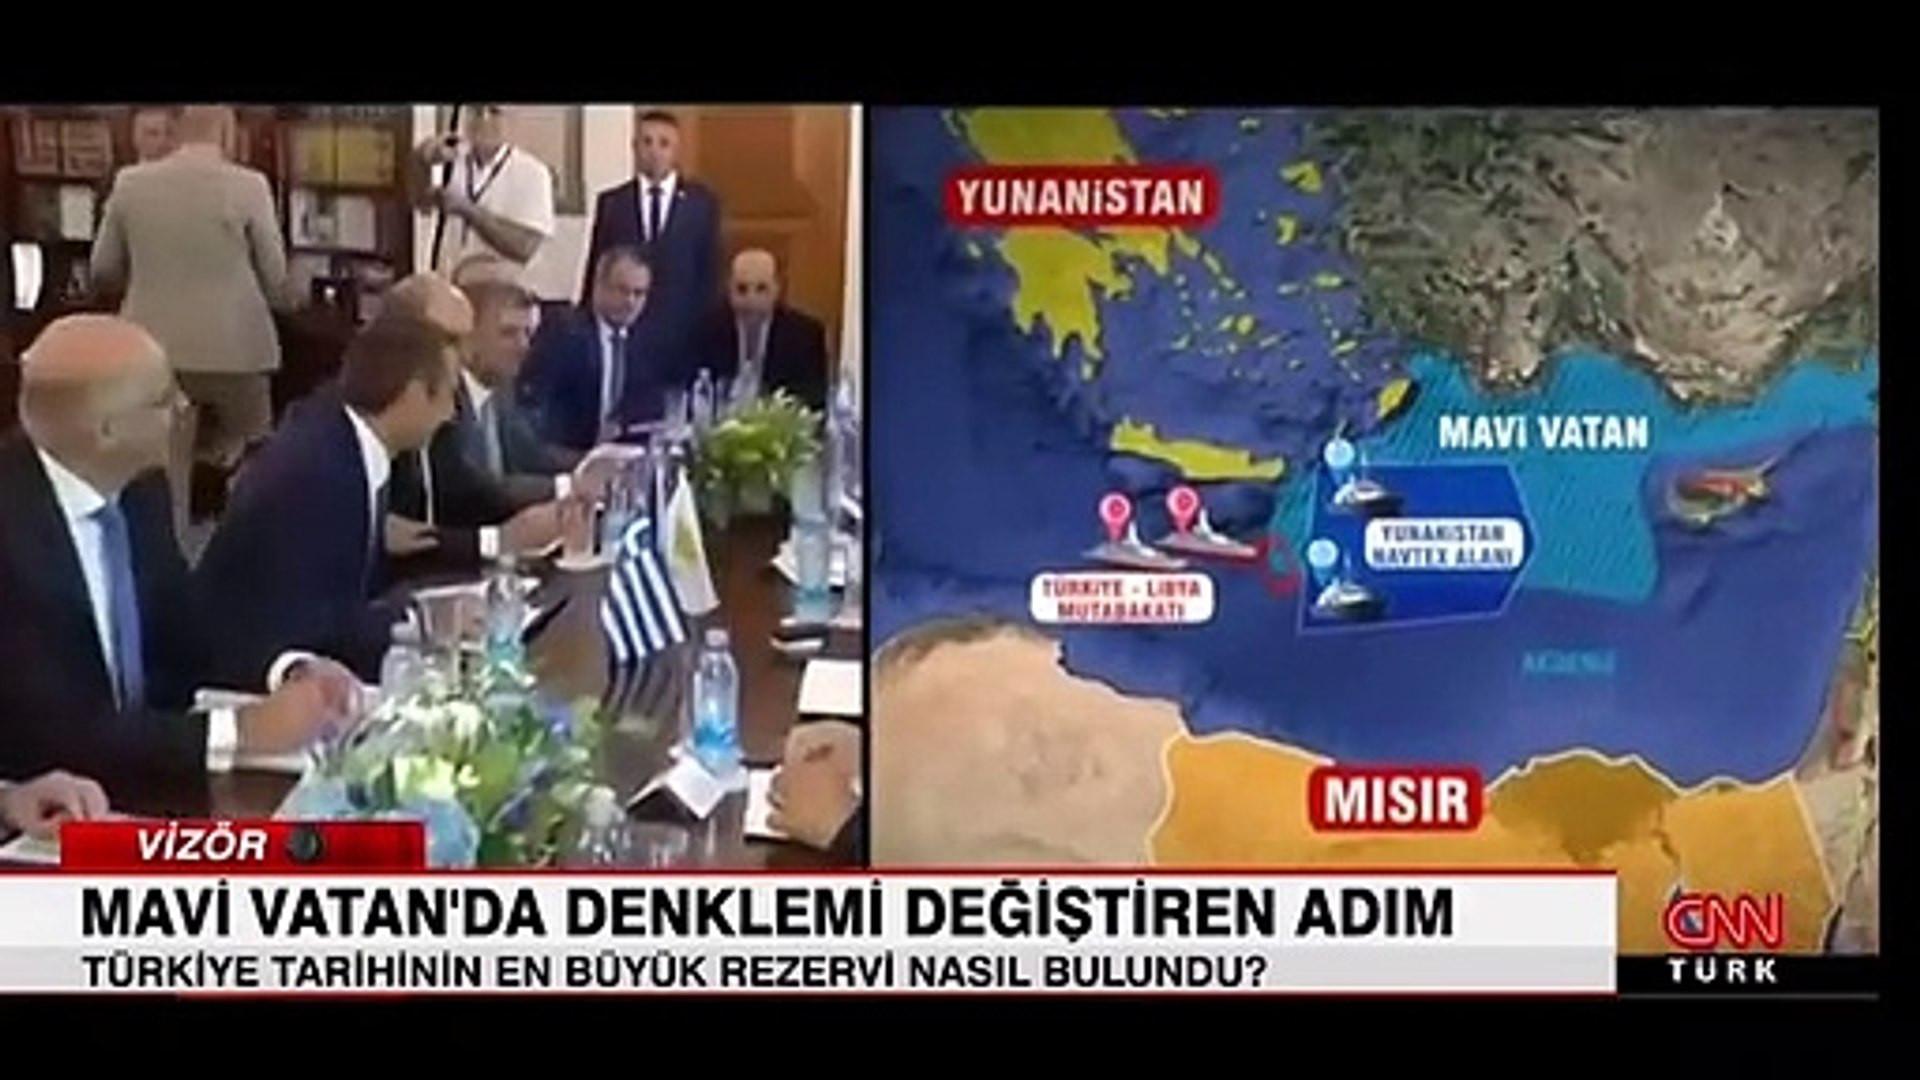 CNN Türk'ten ''Berat Albayrak geri mi dönüyor'' dedirten yayın